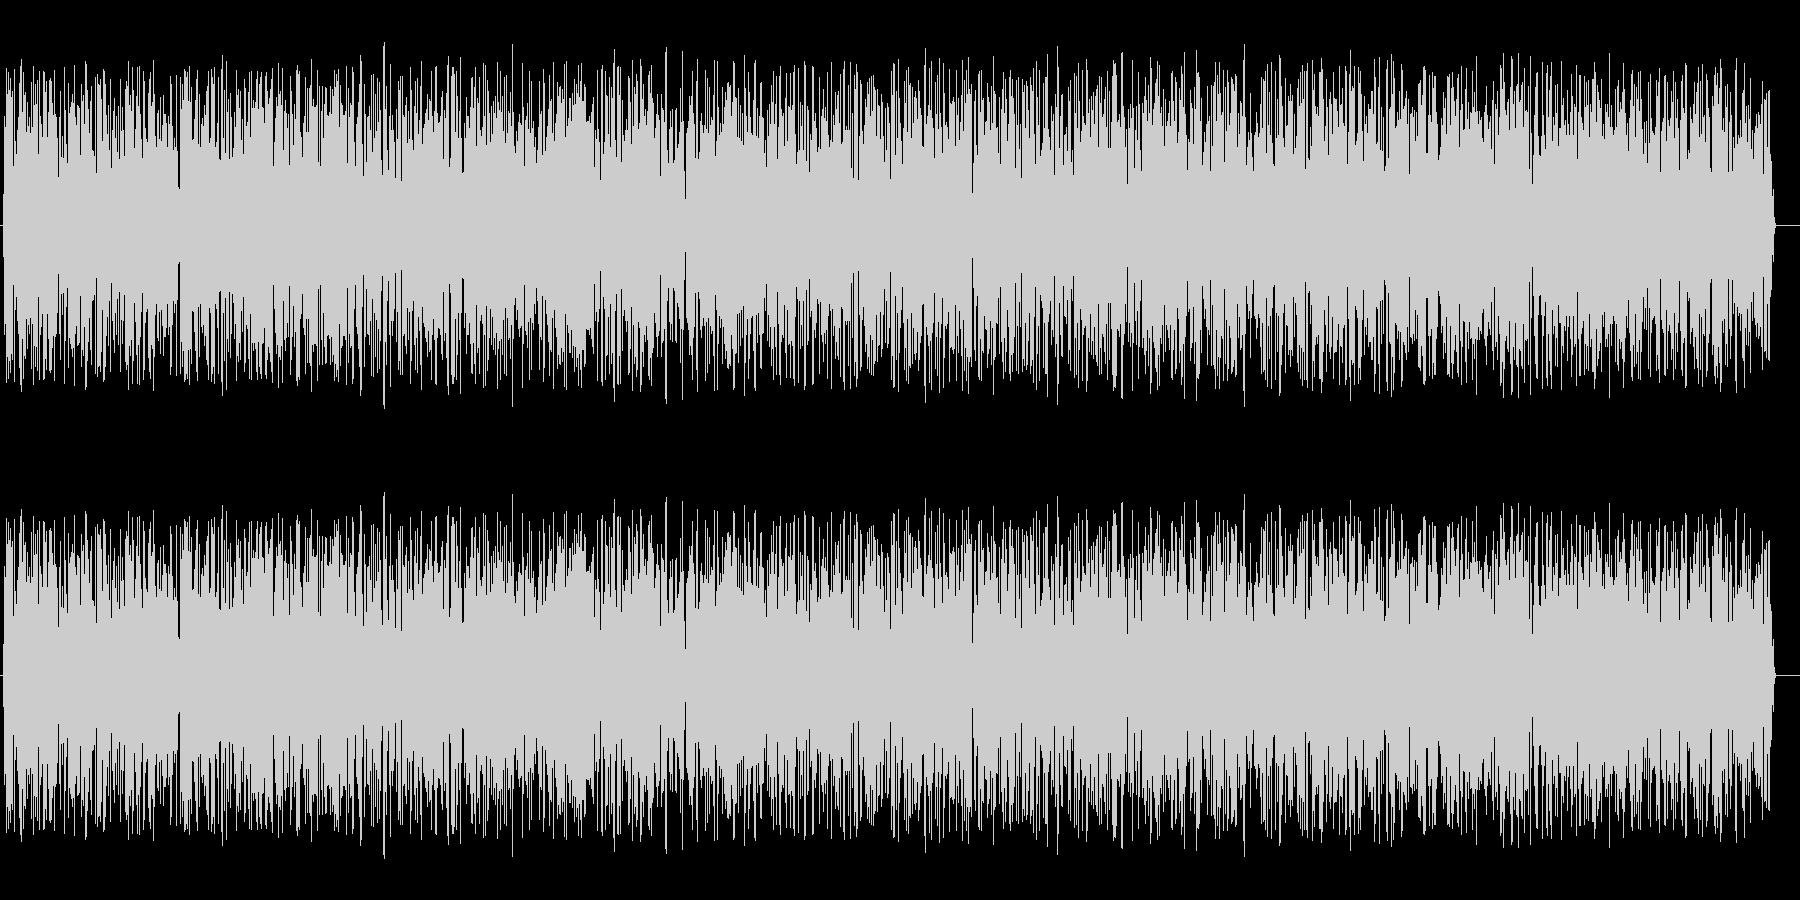 ゴォォー(ノイズ音)の未再生の波形